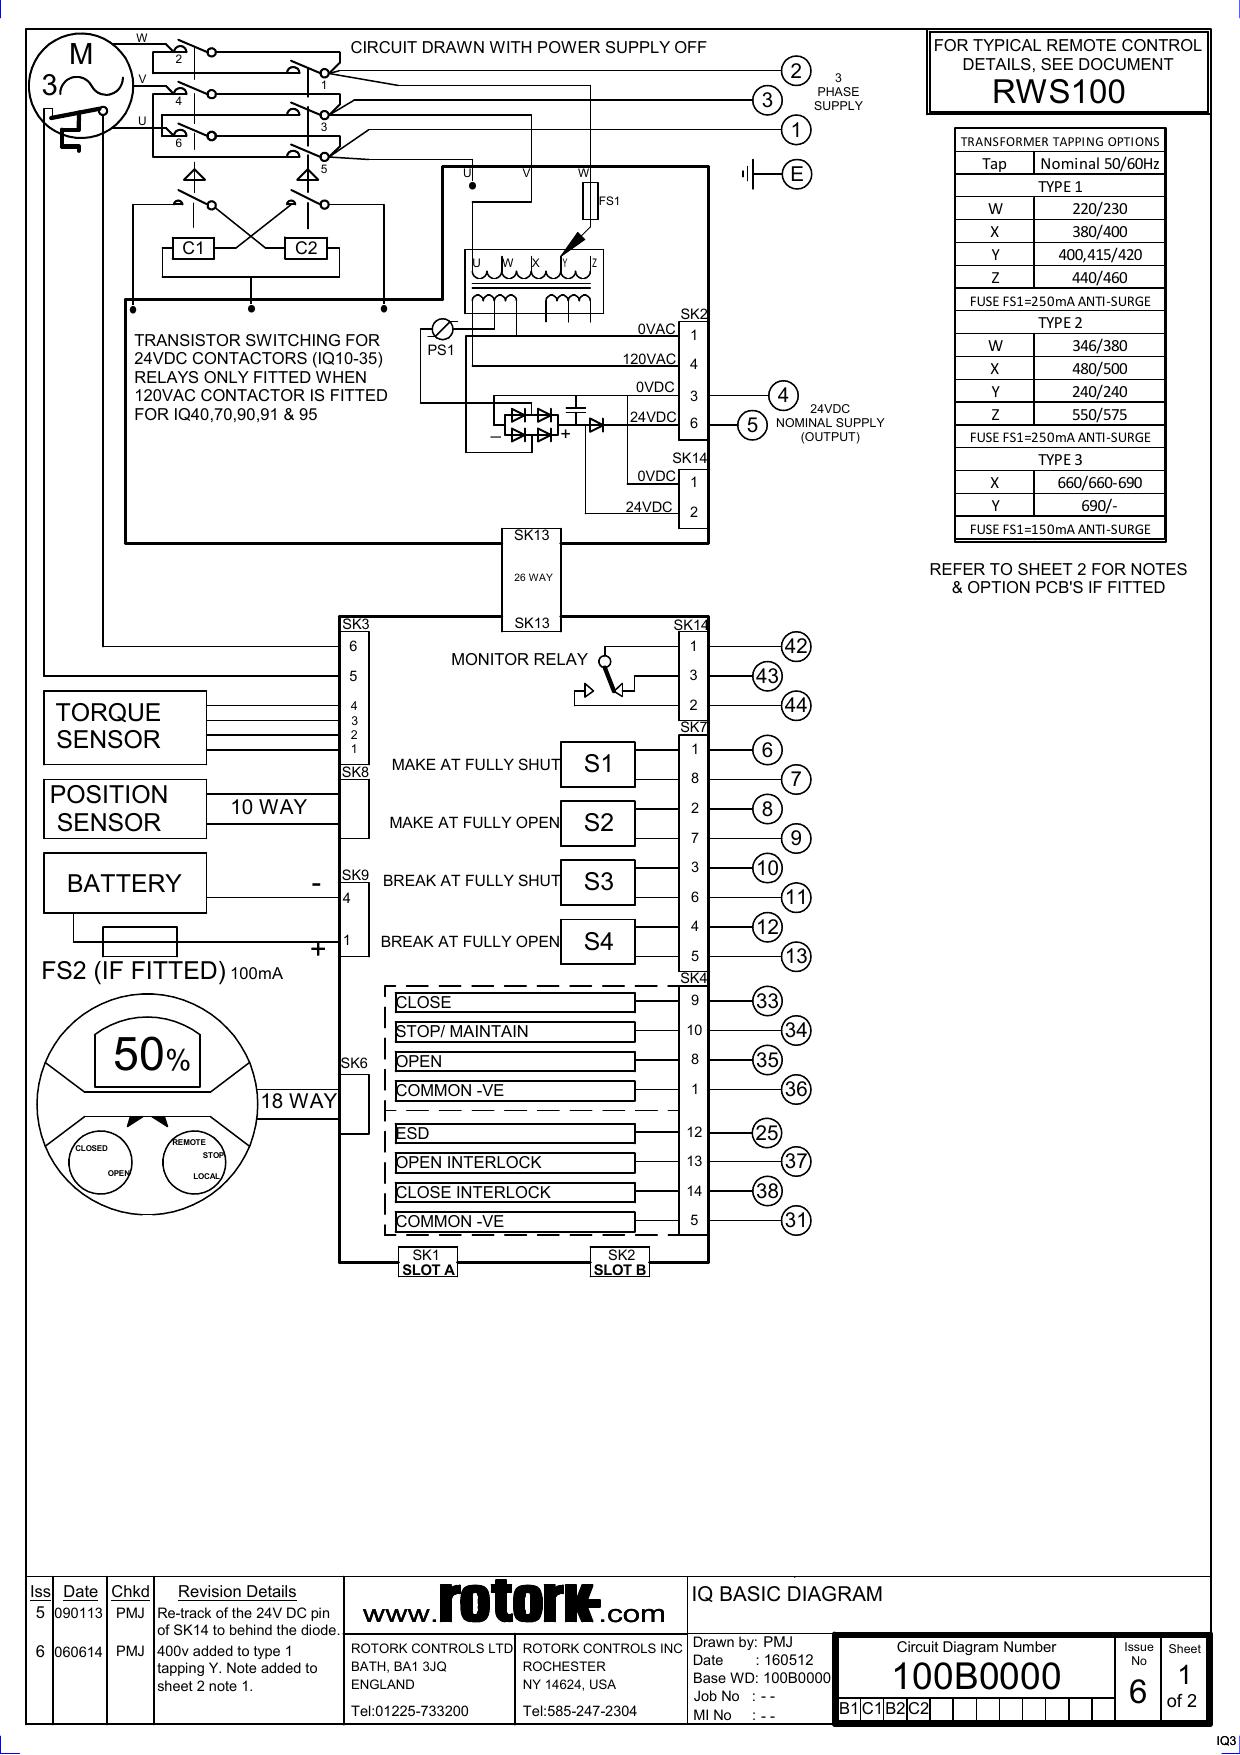 Iq Basic Diagram